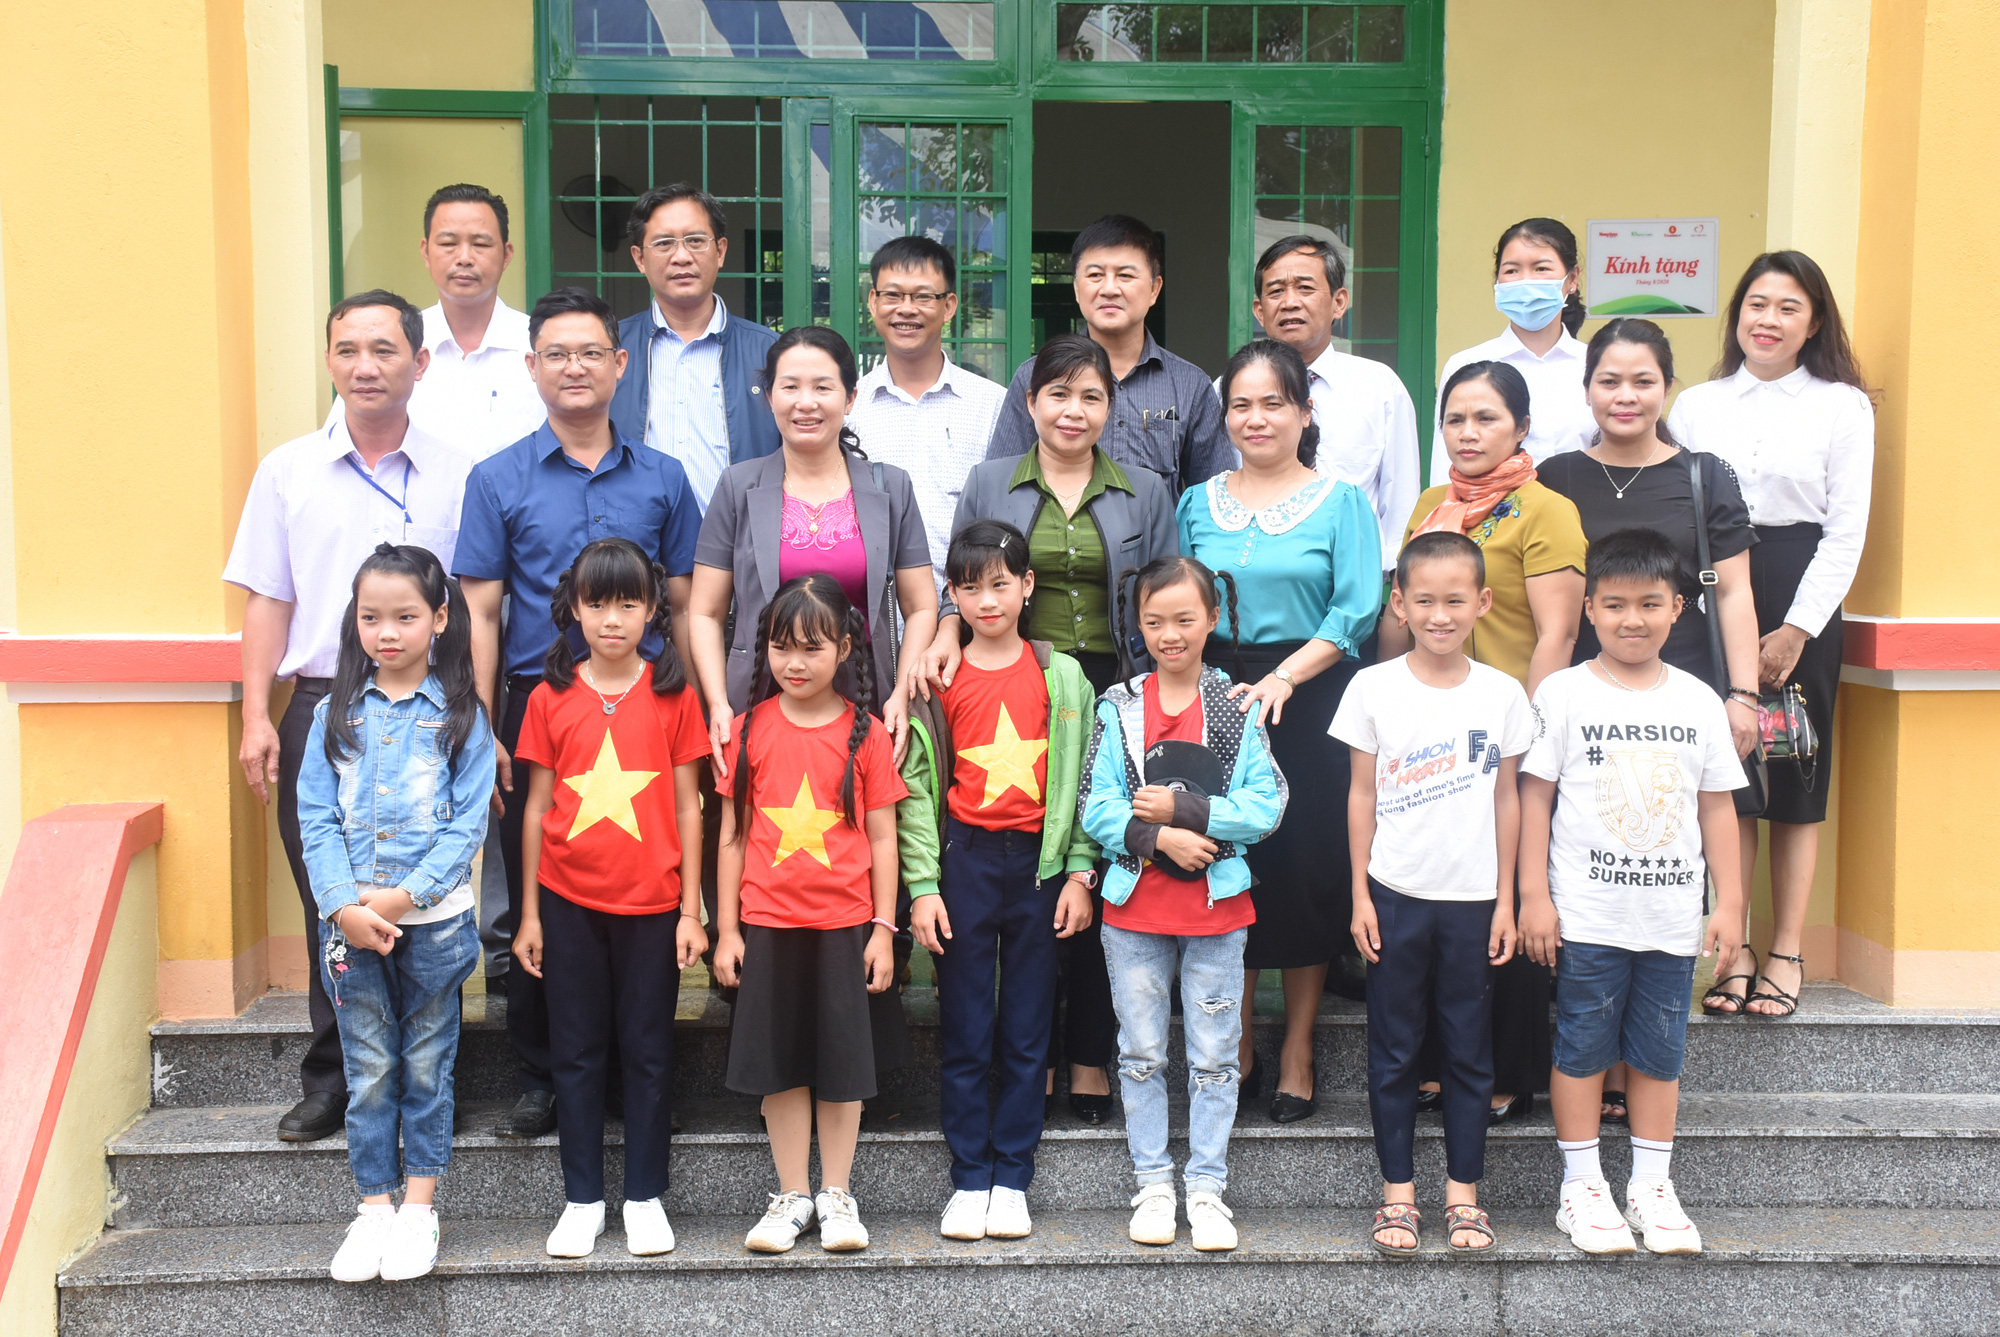 """Báo NTNN/Dân Việt - Quỹ Thiện Tâm khánh thành """"Điểm trường mơ ước"""" tại Kon Tum - Ảnh 9."""